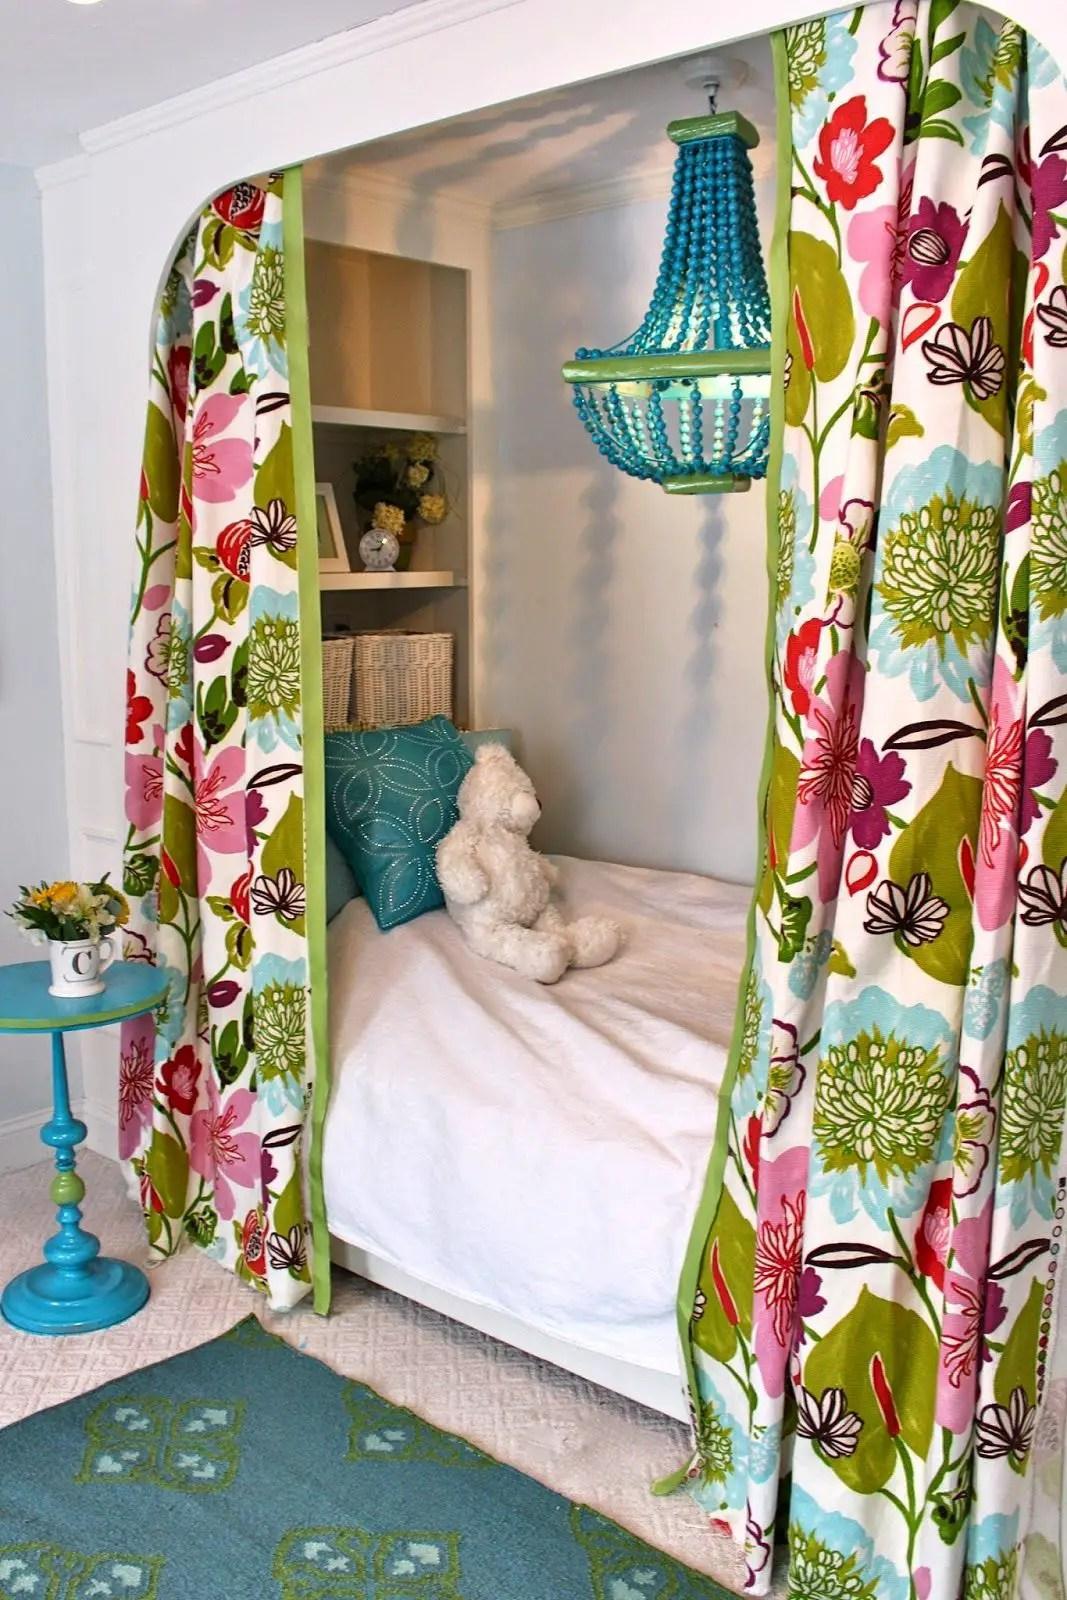 25 Smart Tween Bedroom Decorating Ideas - decoratoo on Tween Bedroom Ideas For Small Rooms  id=27268